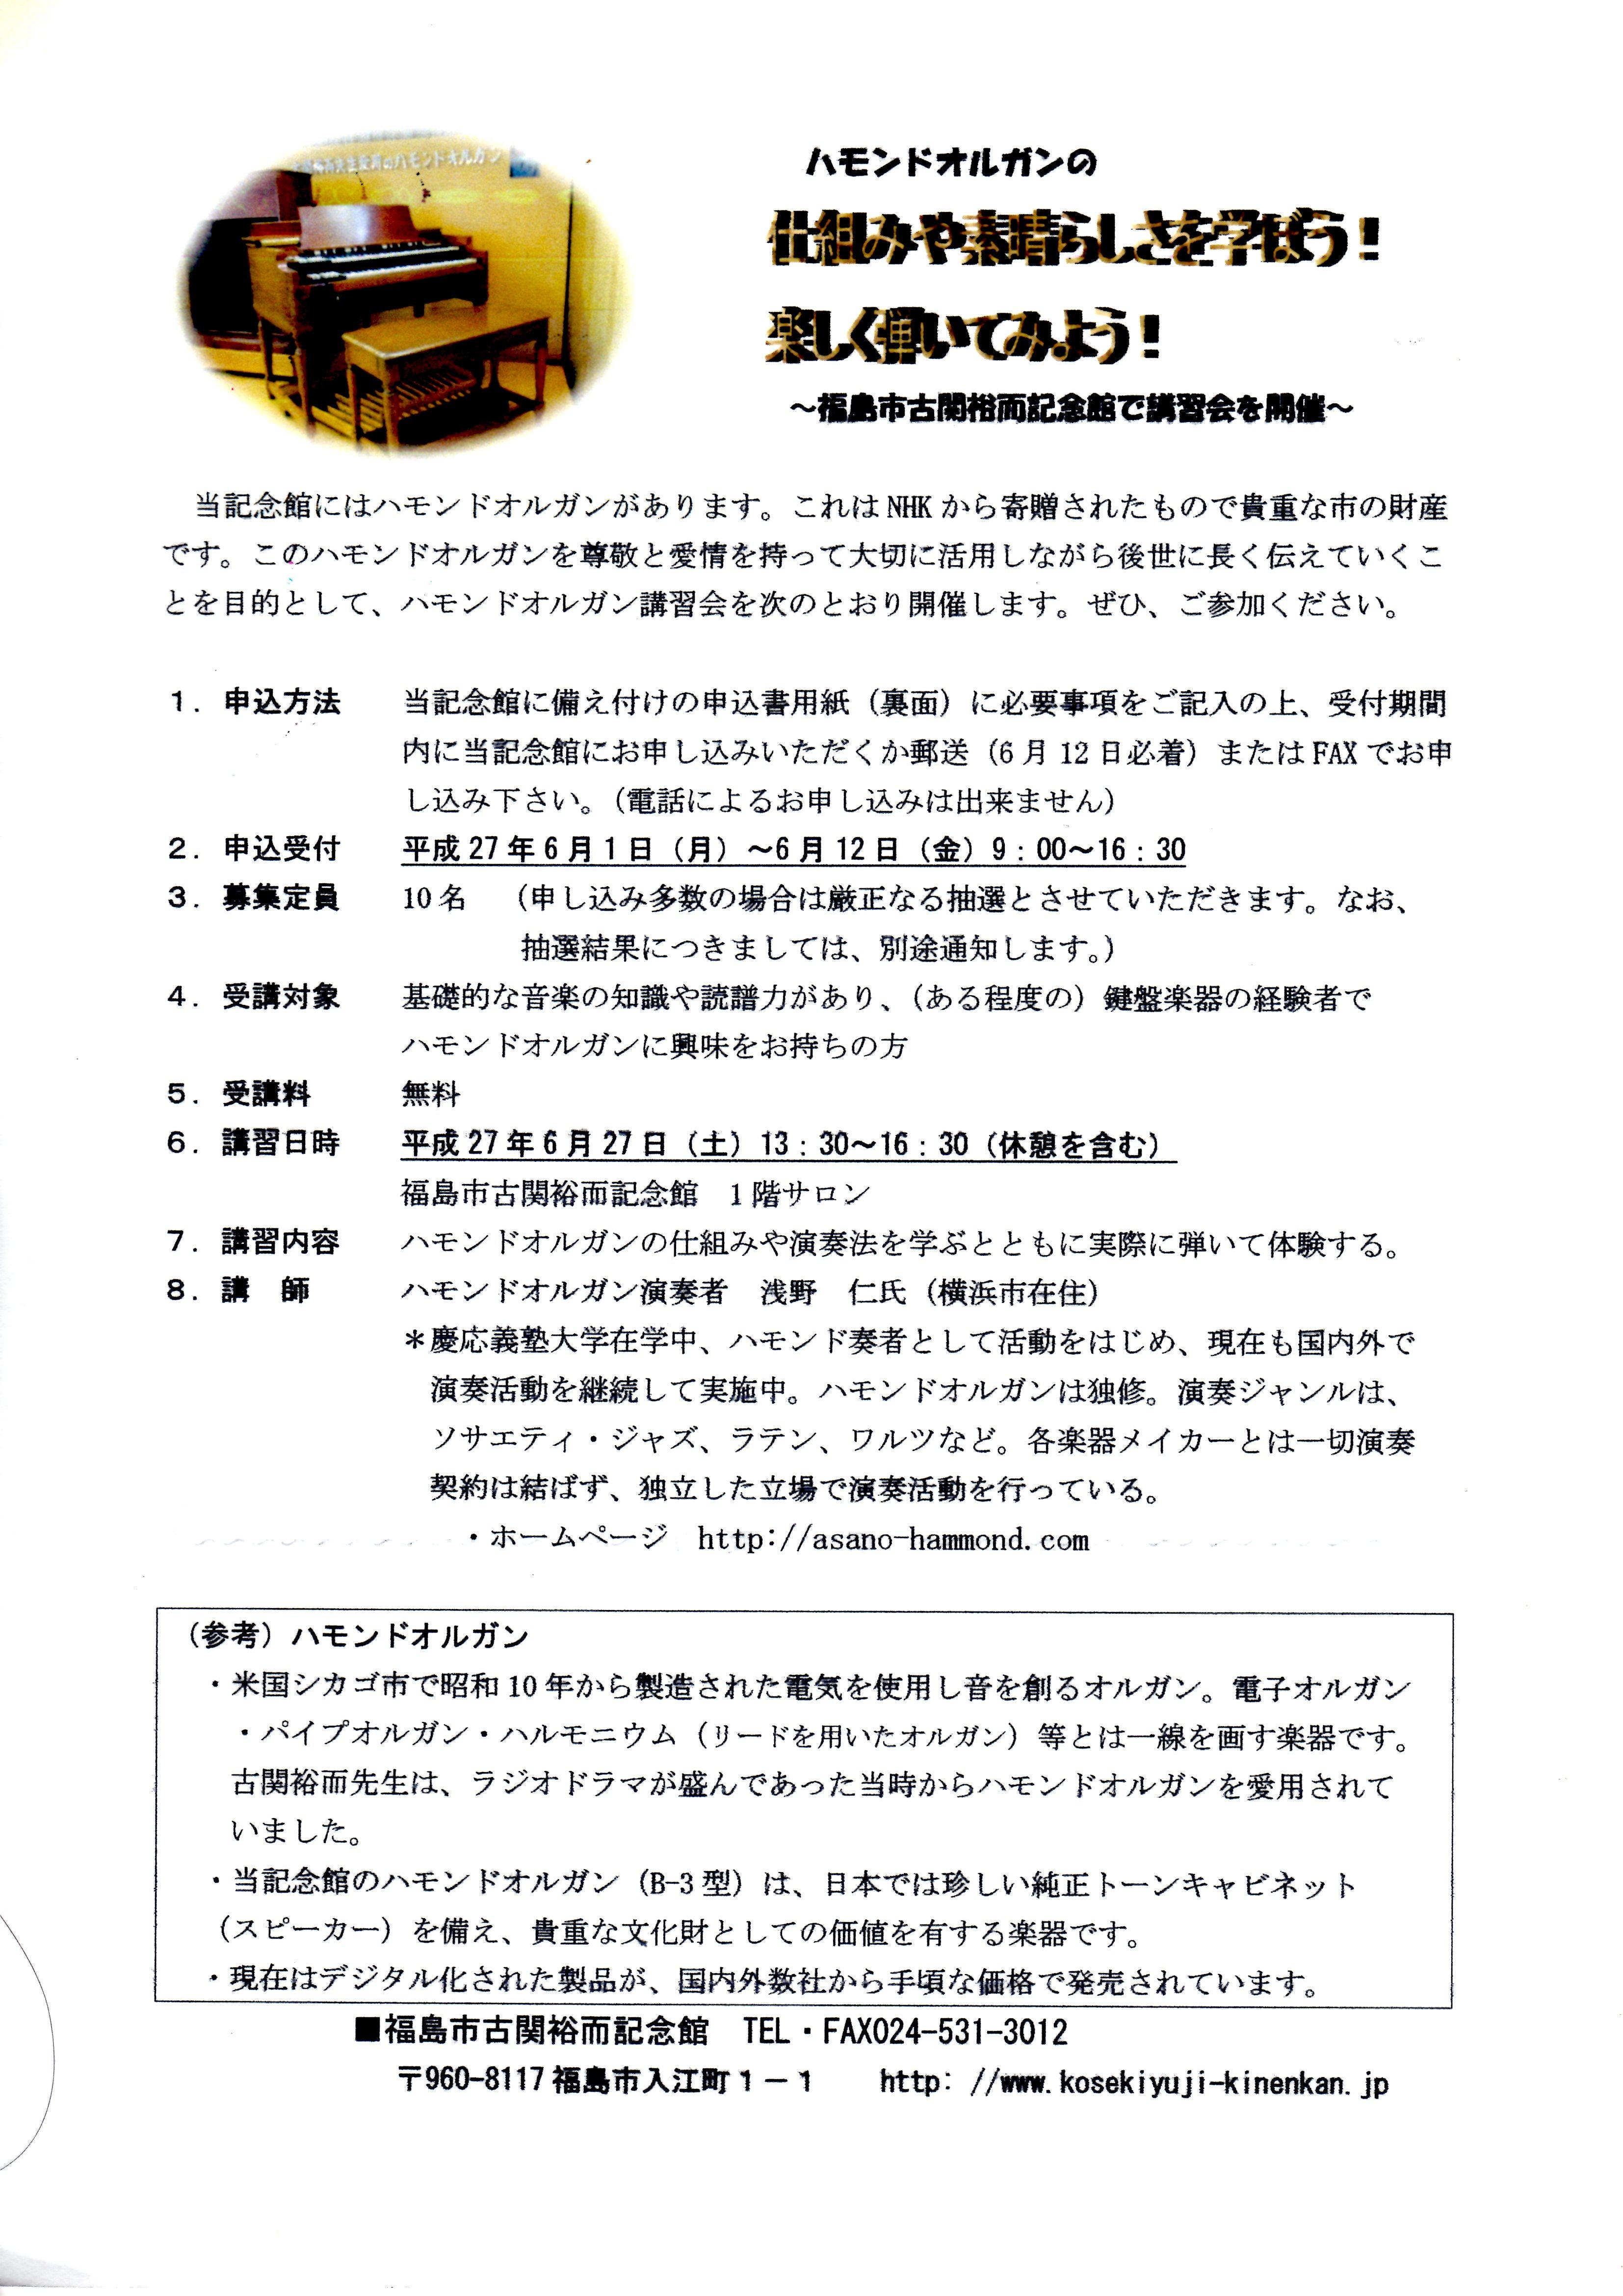 古関記念館 コンサート 講習会001